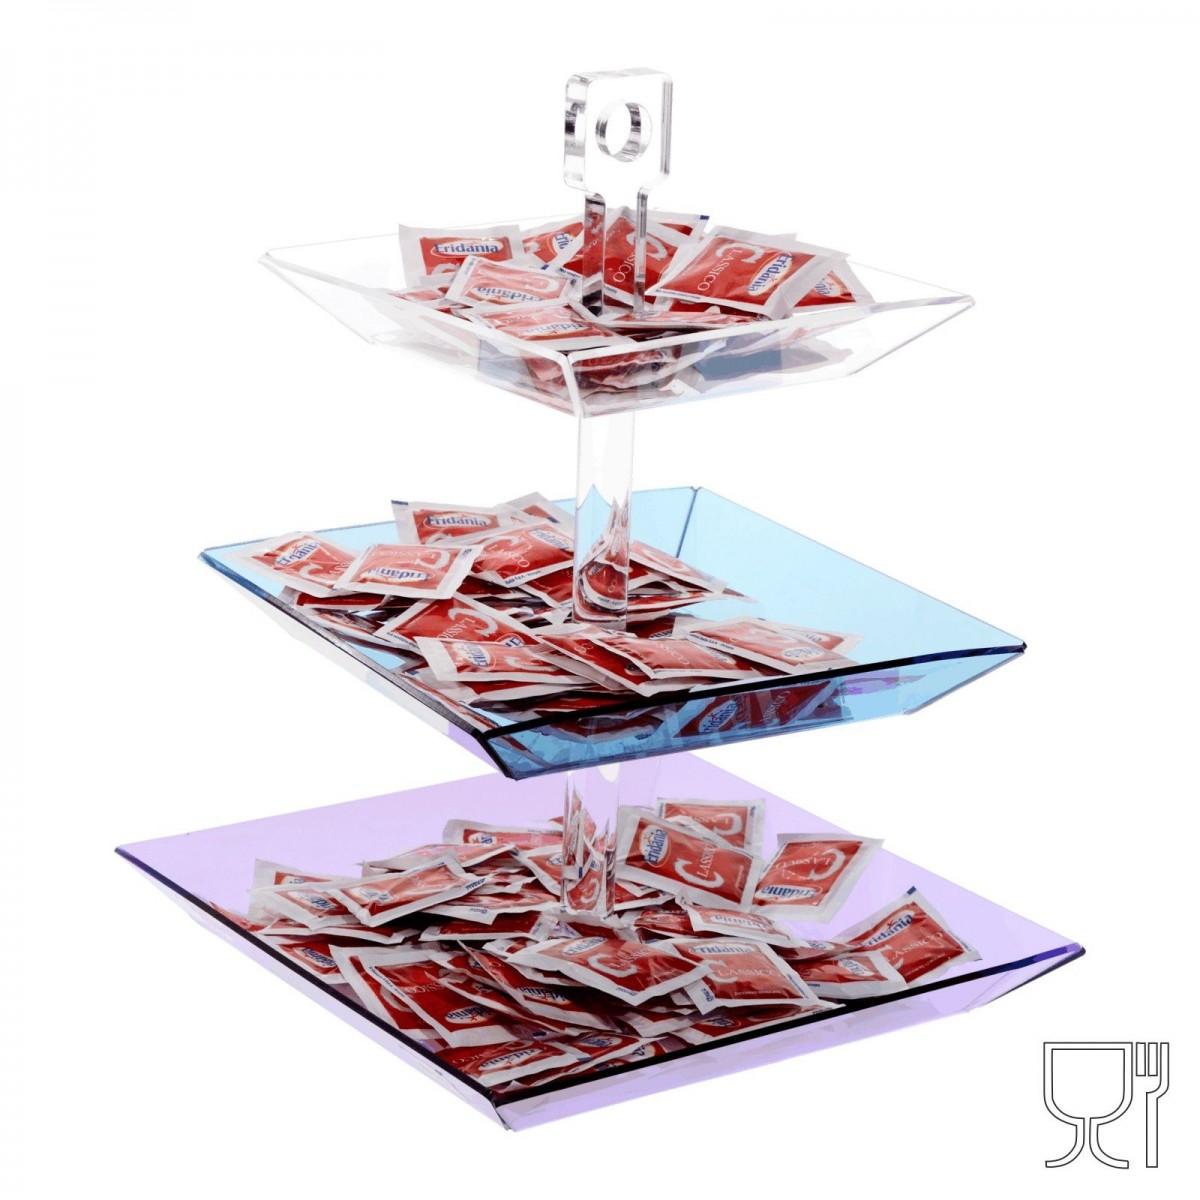 E-046 PB - Porta caramelle e bustine da tavolo, formato da tre piatti di diversa grandezza e colore - Altezza totale 34 cm